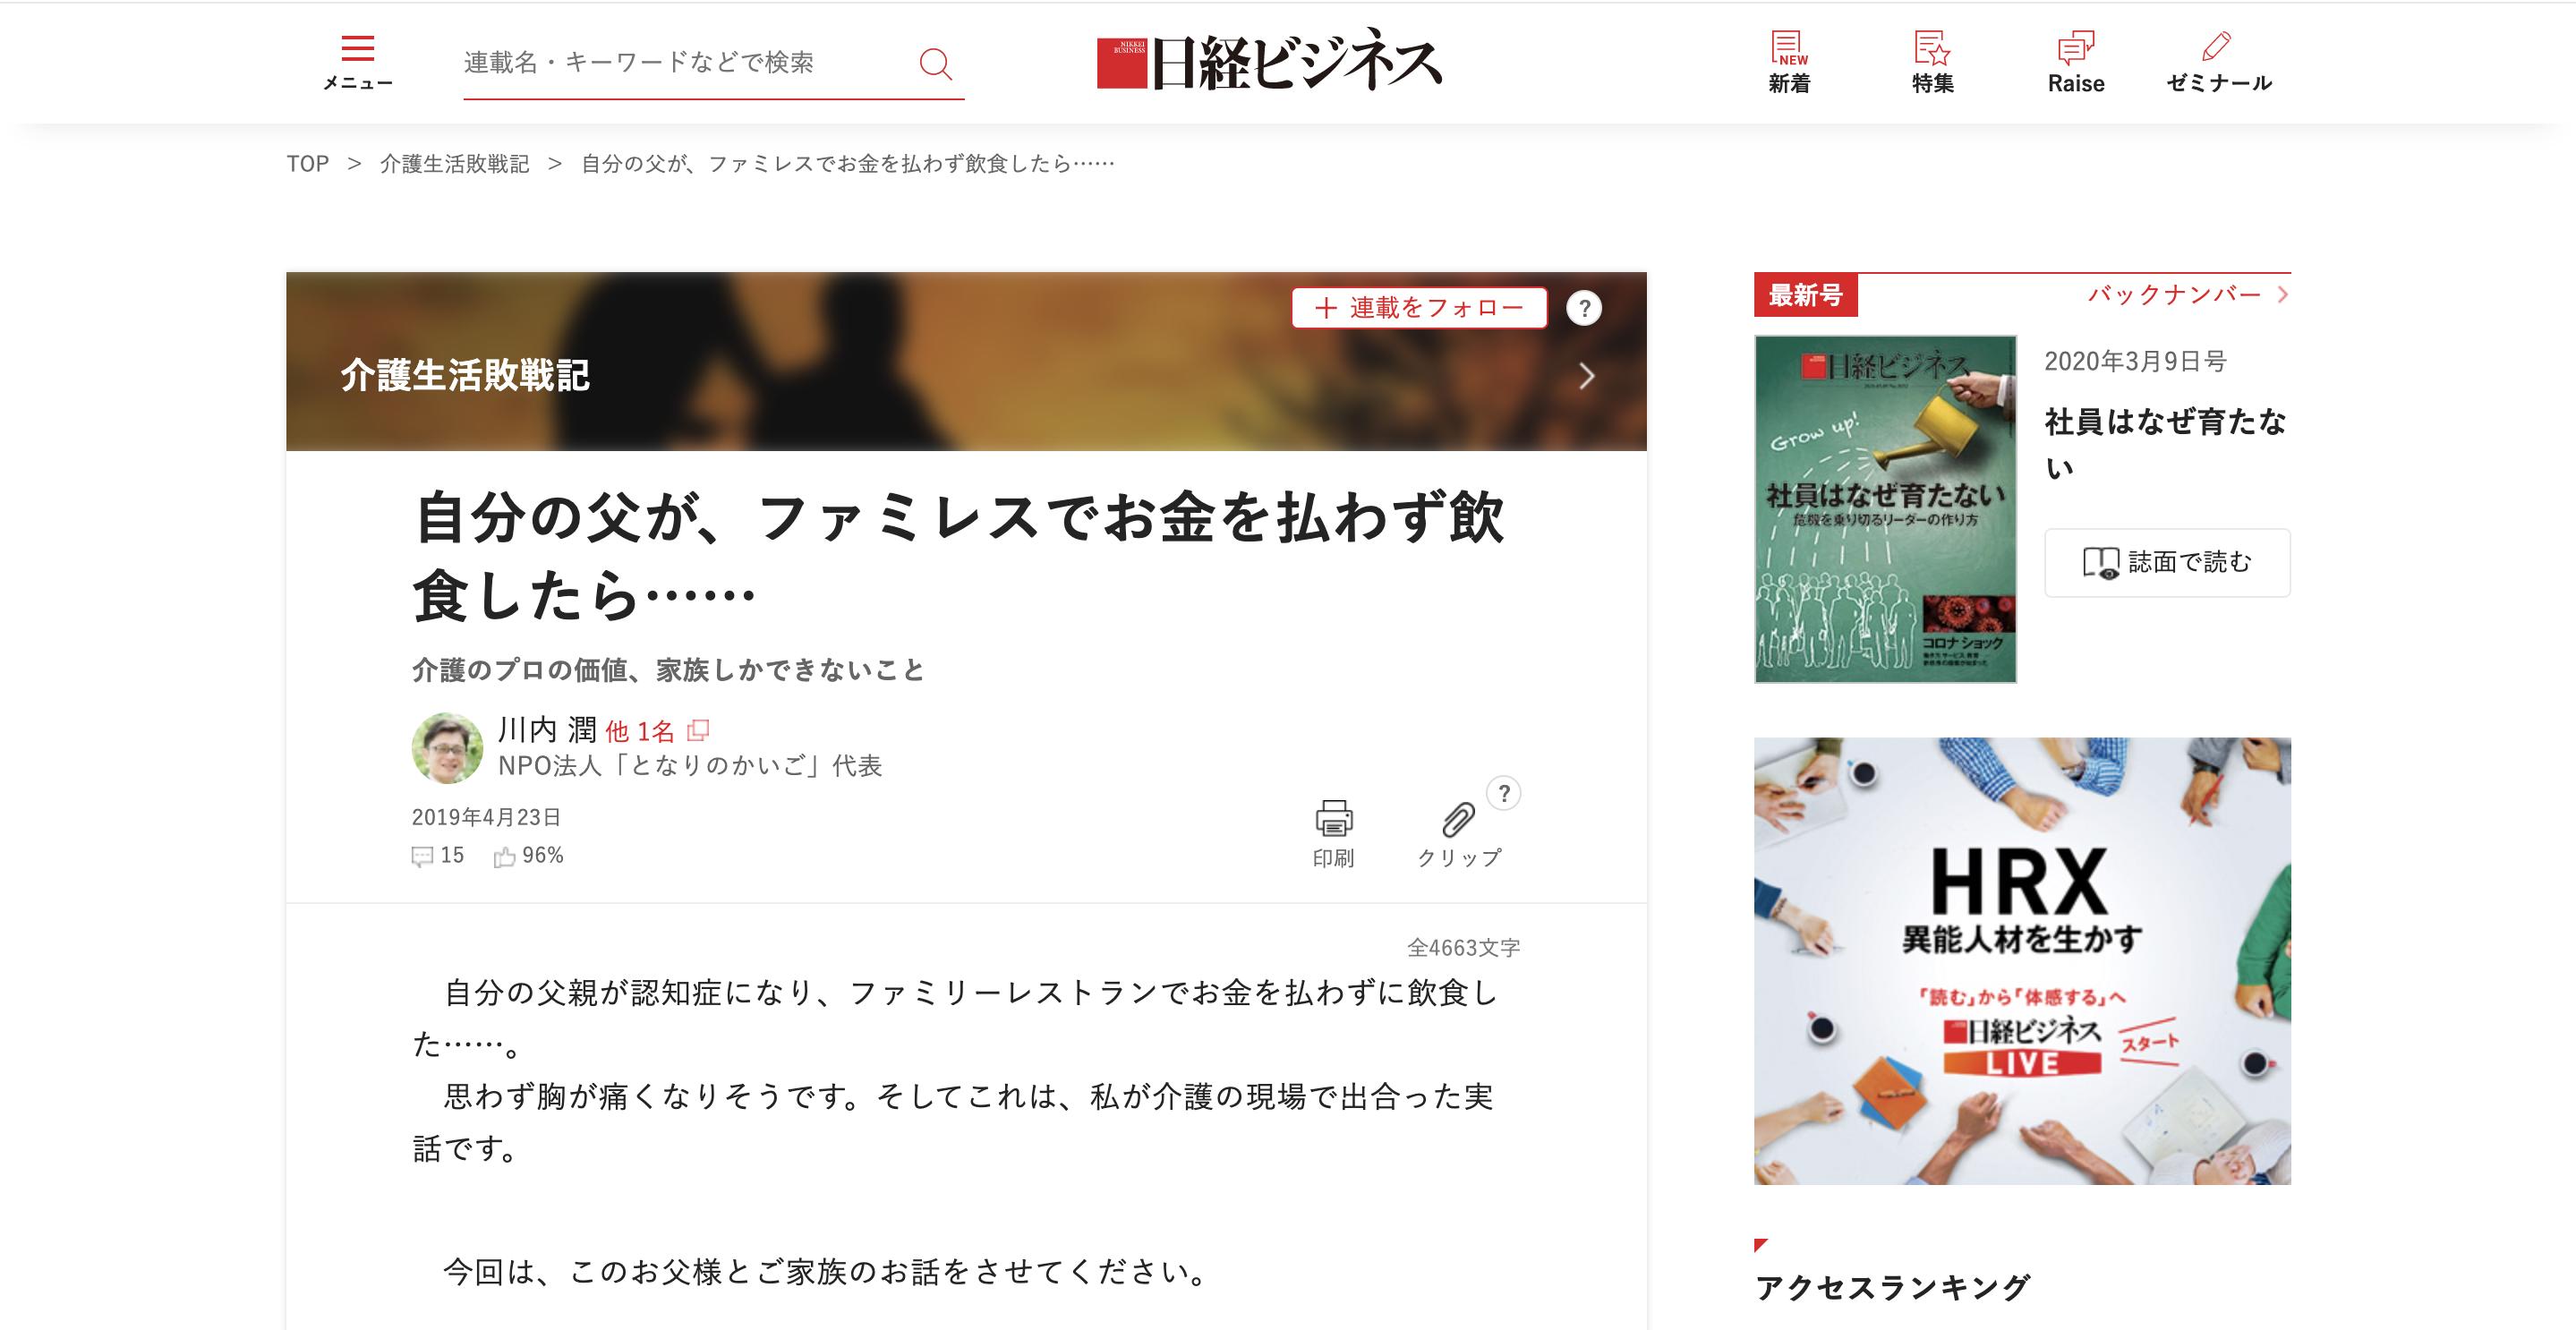 日経ビジネス電子版『自分の父が、ファミレスでお金を払わず飲食したら……』